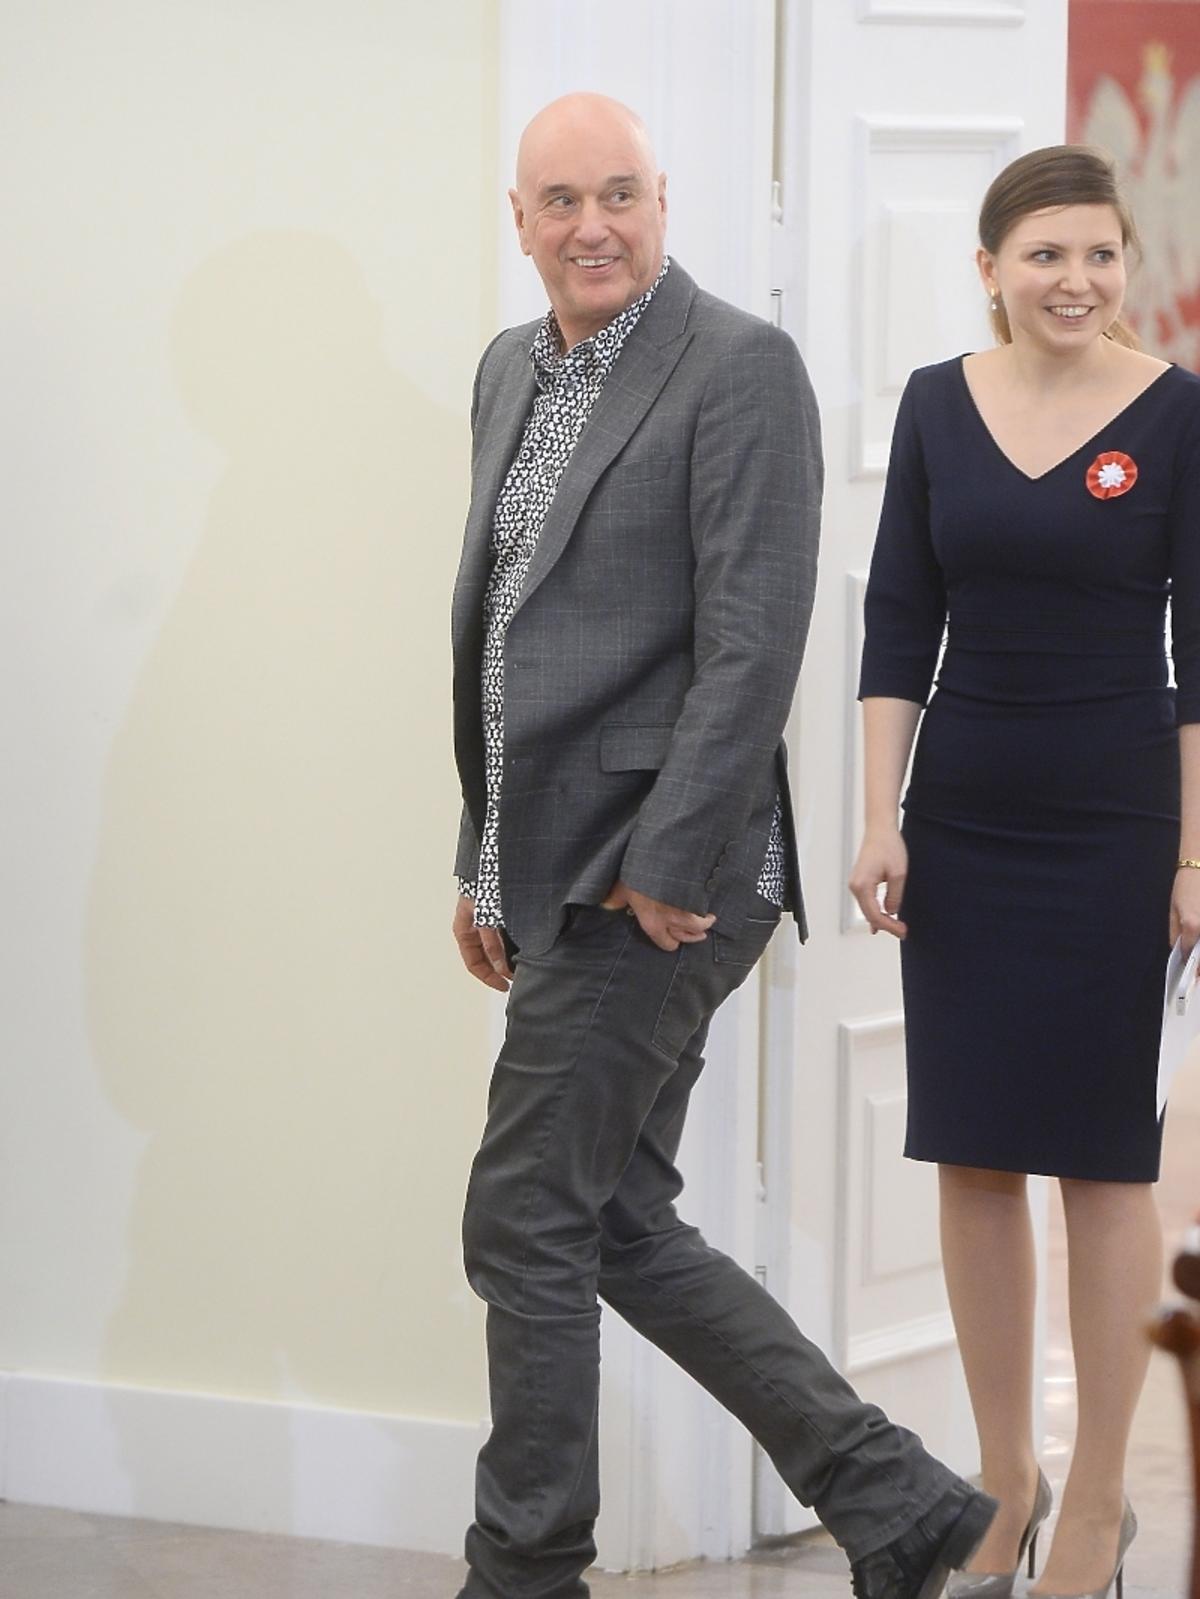 Cezary Harasimowicz na spotkaniu z prezydentem RP